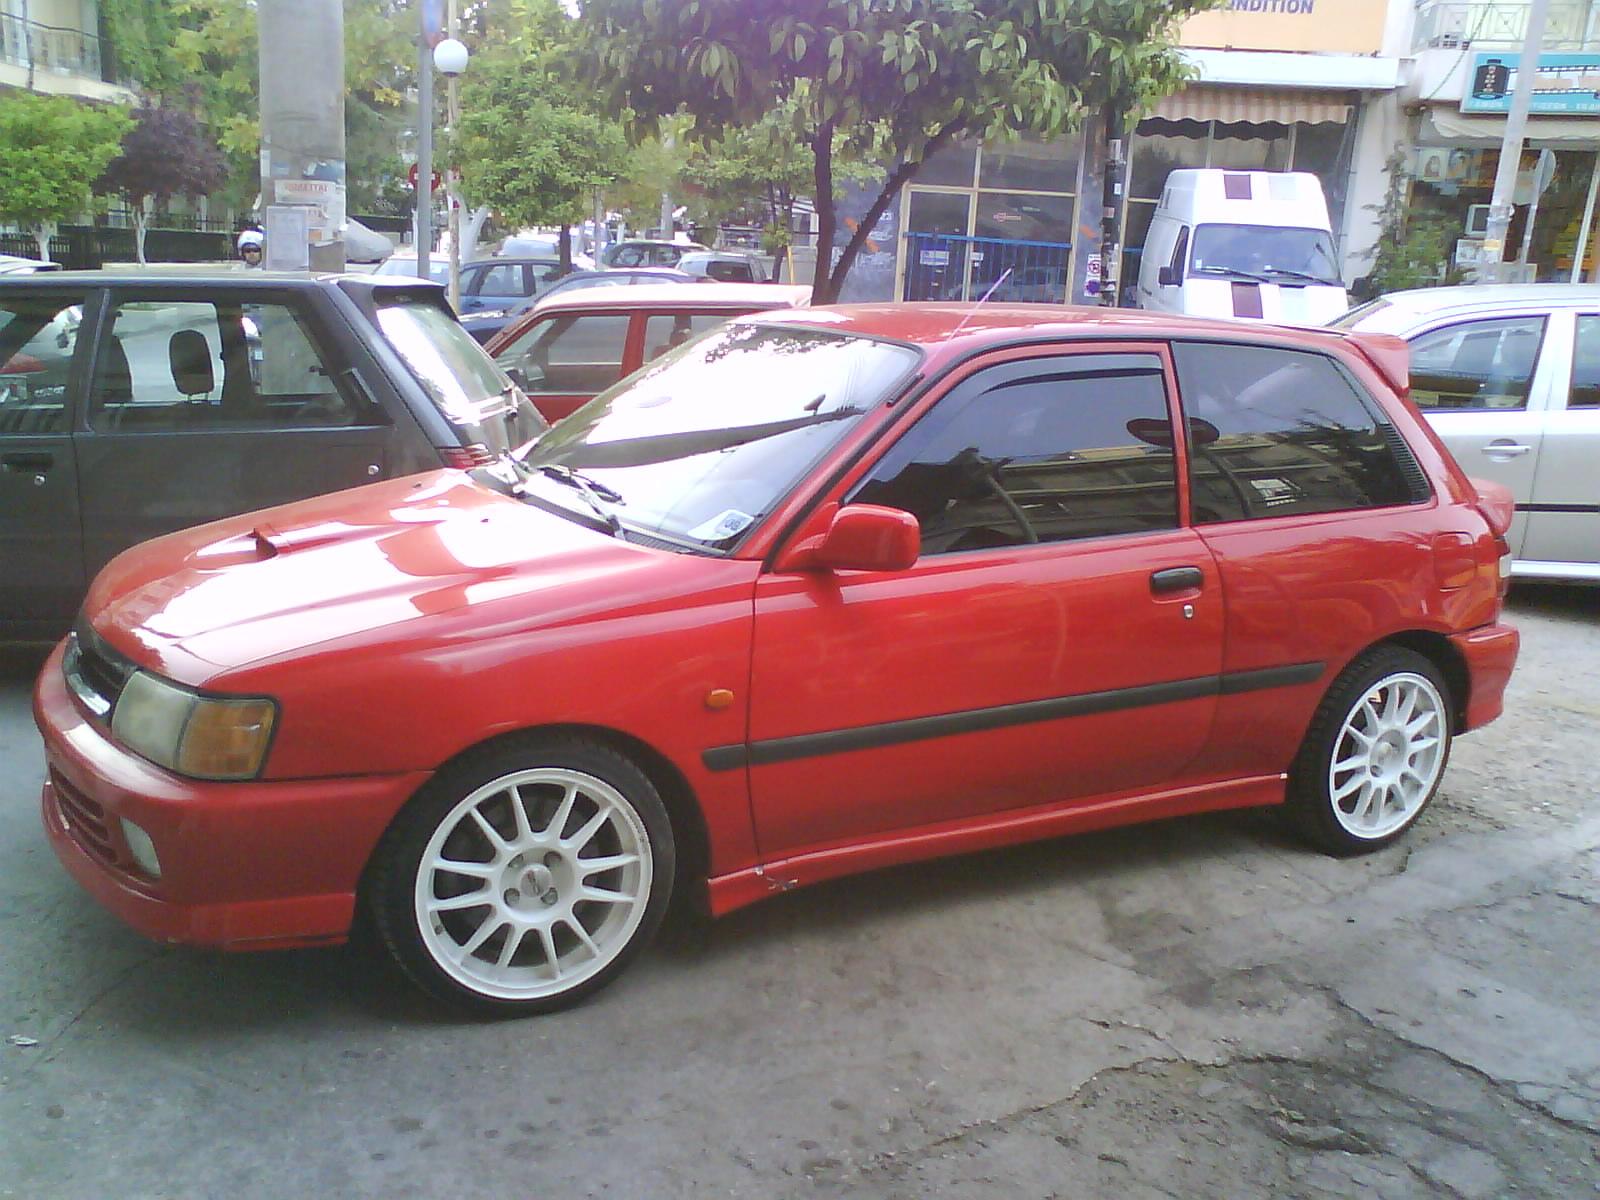 Toyota Starlet 1991 Photo - 1